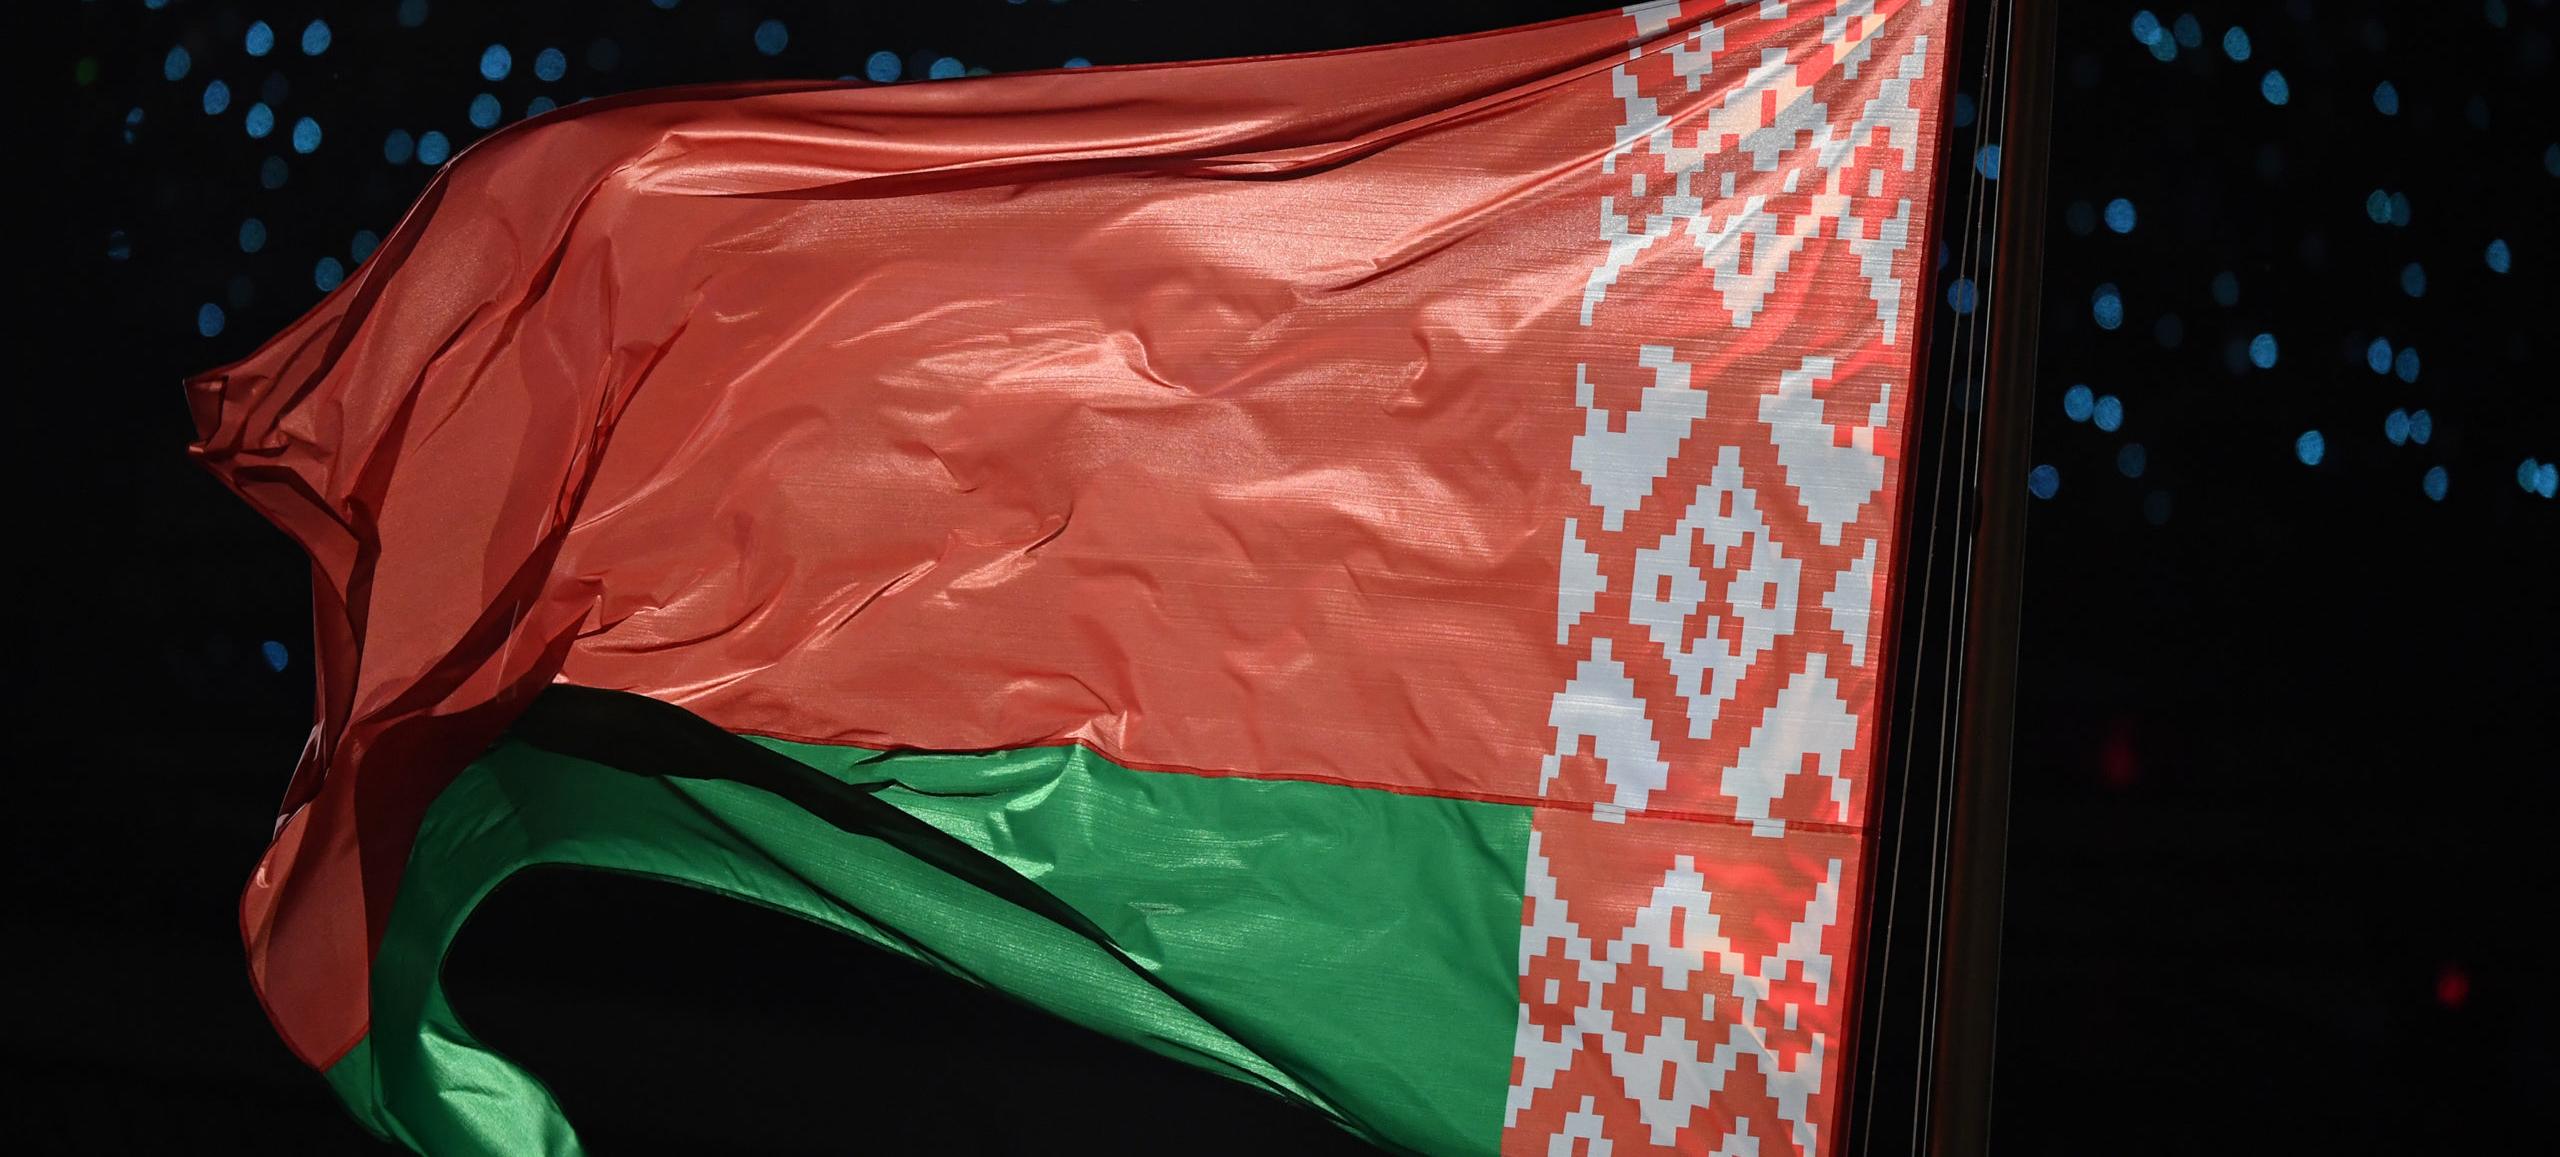 Eventi sportivi di oggi 28 marzo: la Bielorussia ombelico del... betting